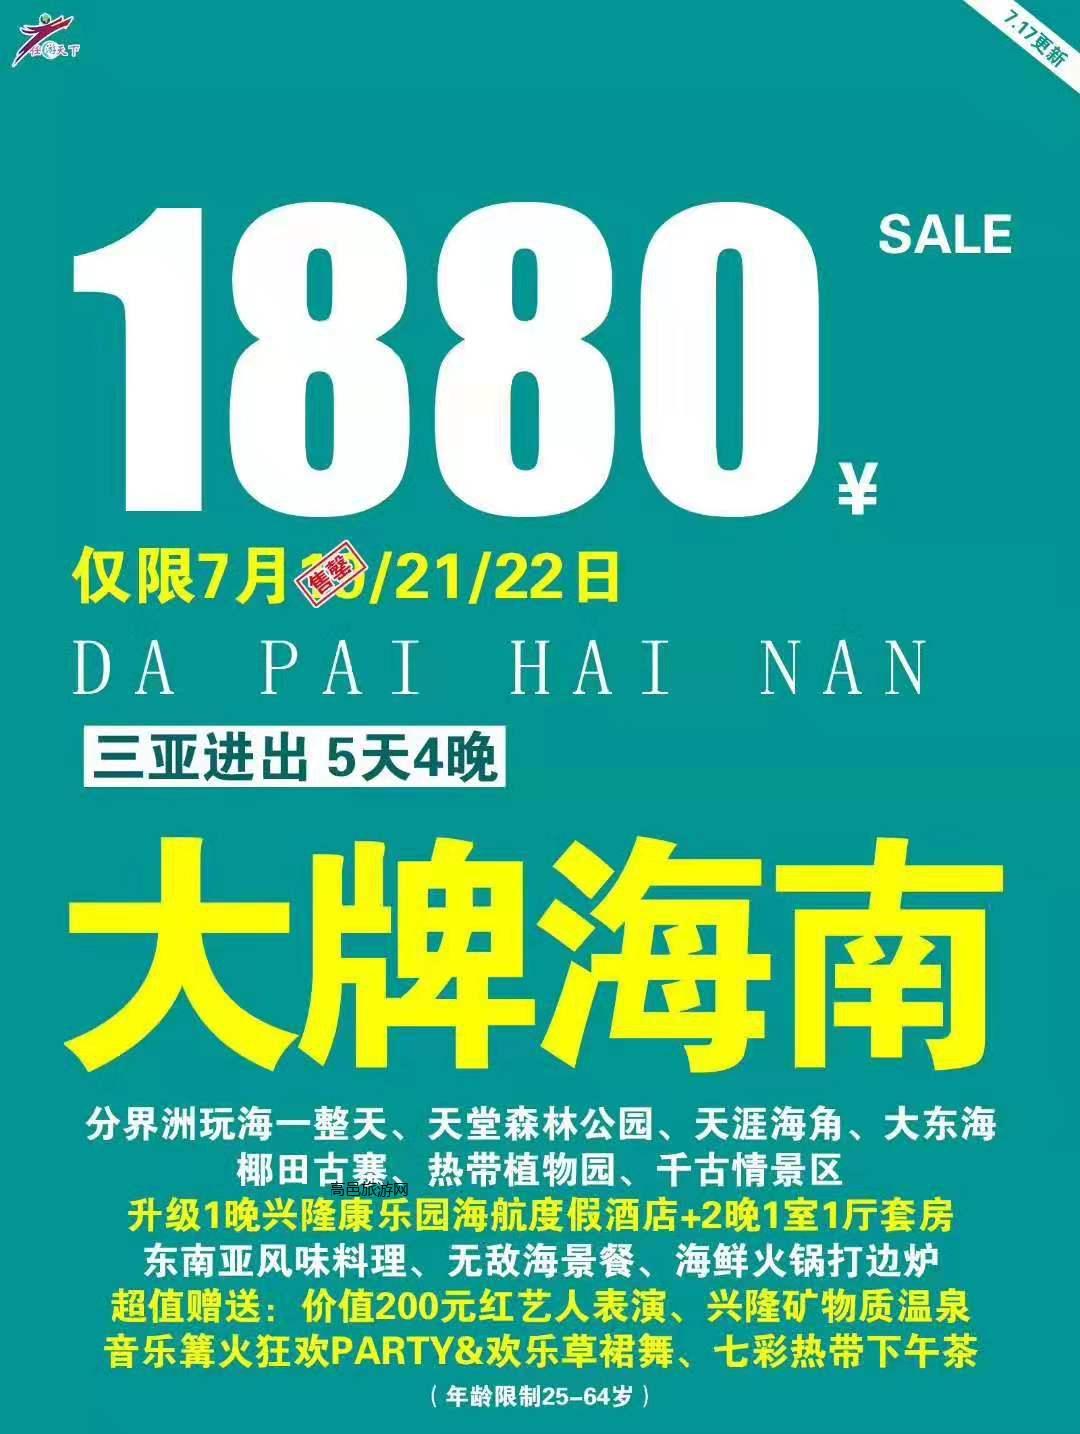 【大牌海南】 三亚双飞5天4晚纯玩 高邑人特惠1880元/人 买一送一!